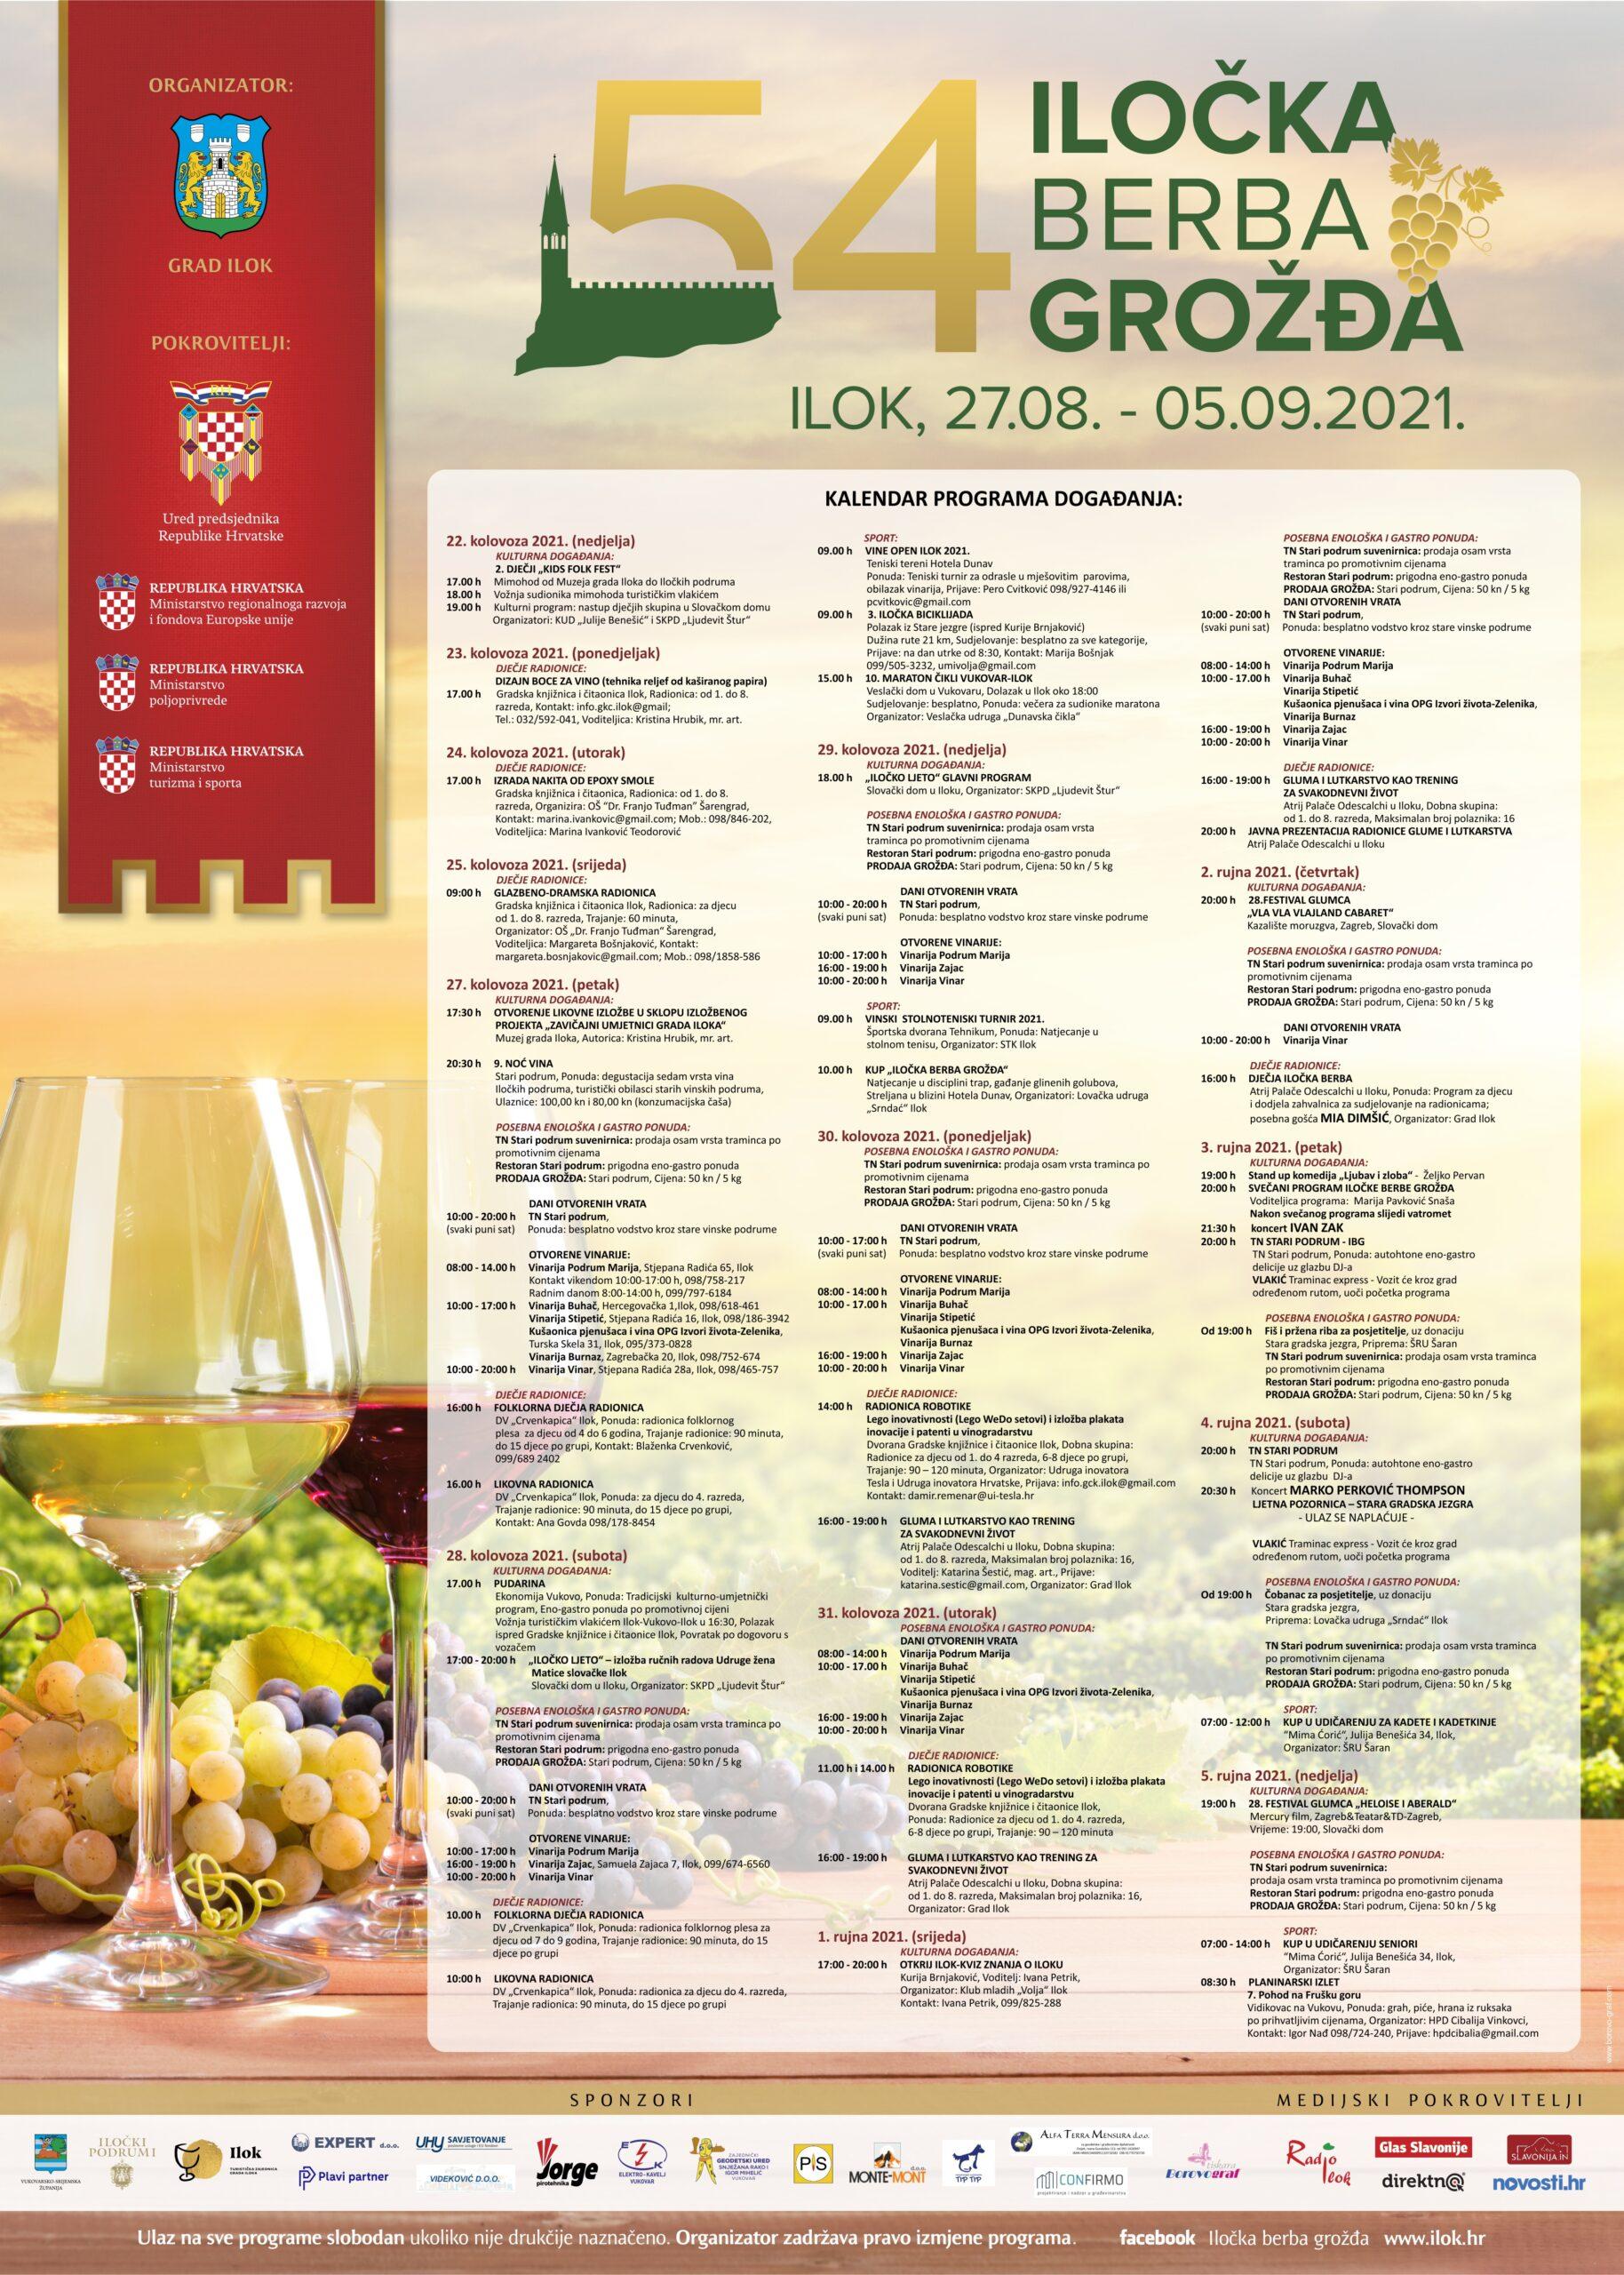 54, Iločka berba grožđa Ilok, 27.08.-05.09.2021.